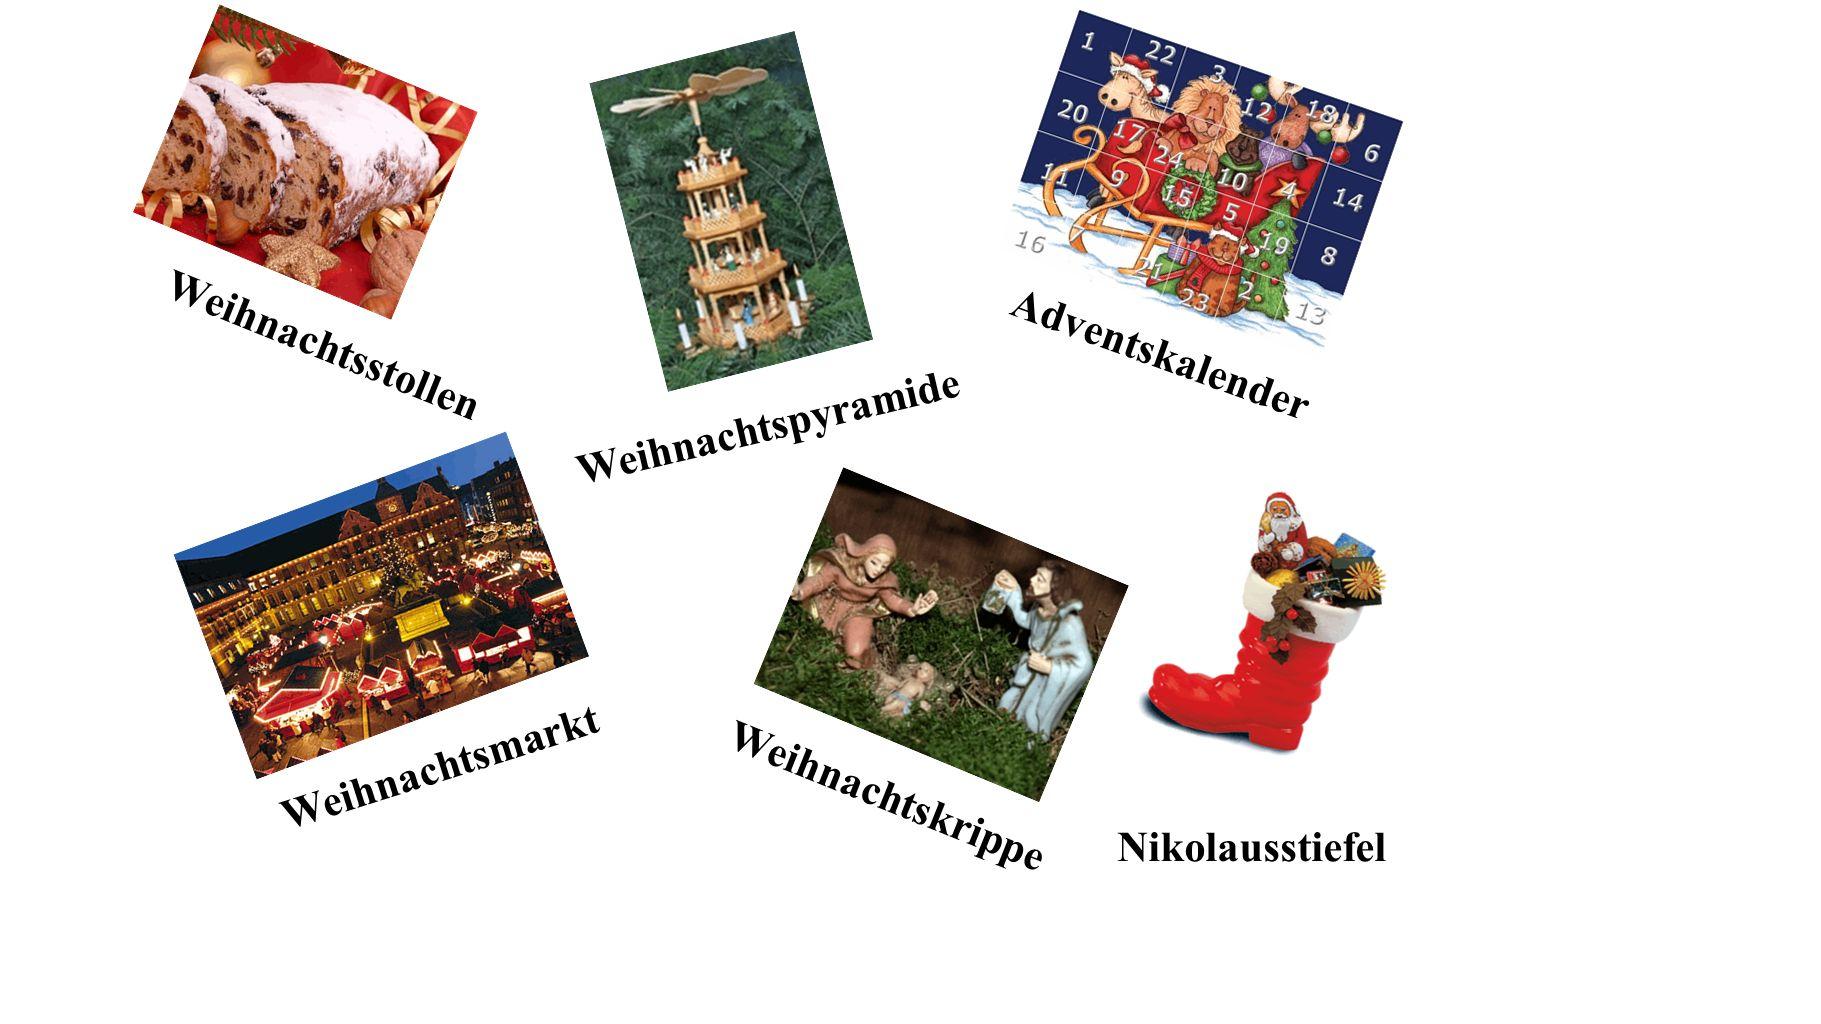 Adventskalender Weihnachtsstollen Weihnachtspyramide Weihnachtskrippe Nikolausstiefel Weihnachtsmarkt